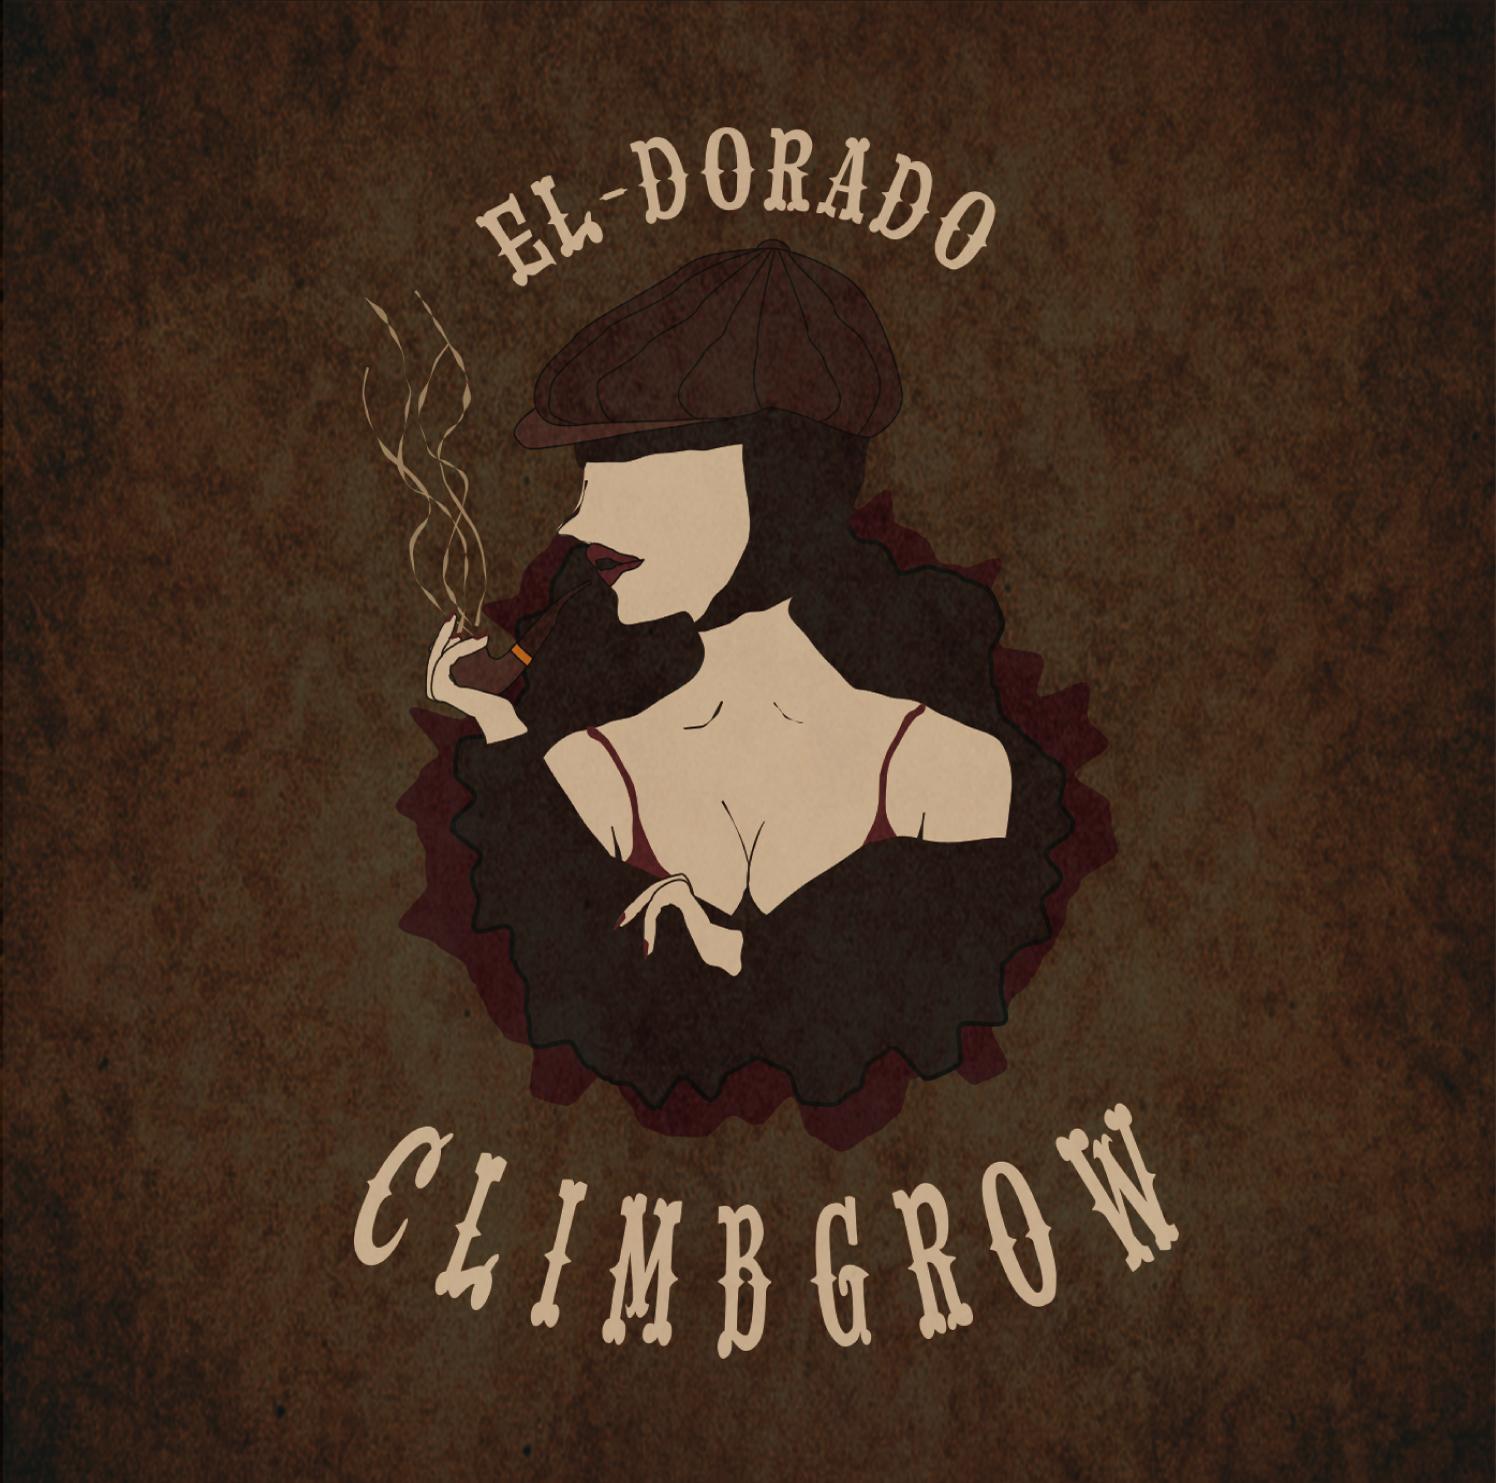 climbgrow『EL-DORADO』